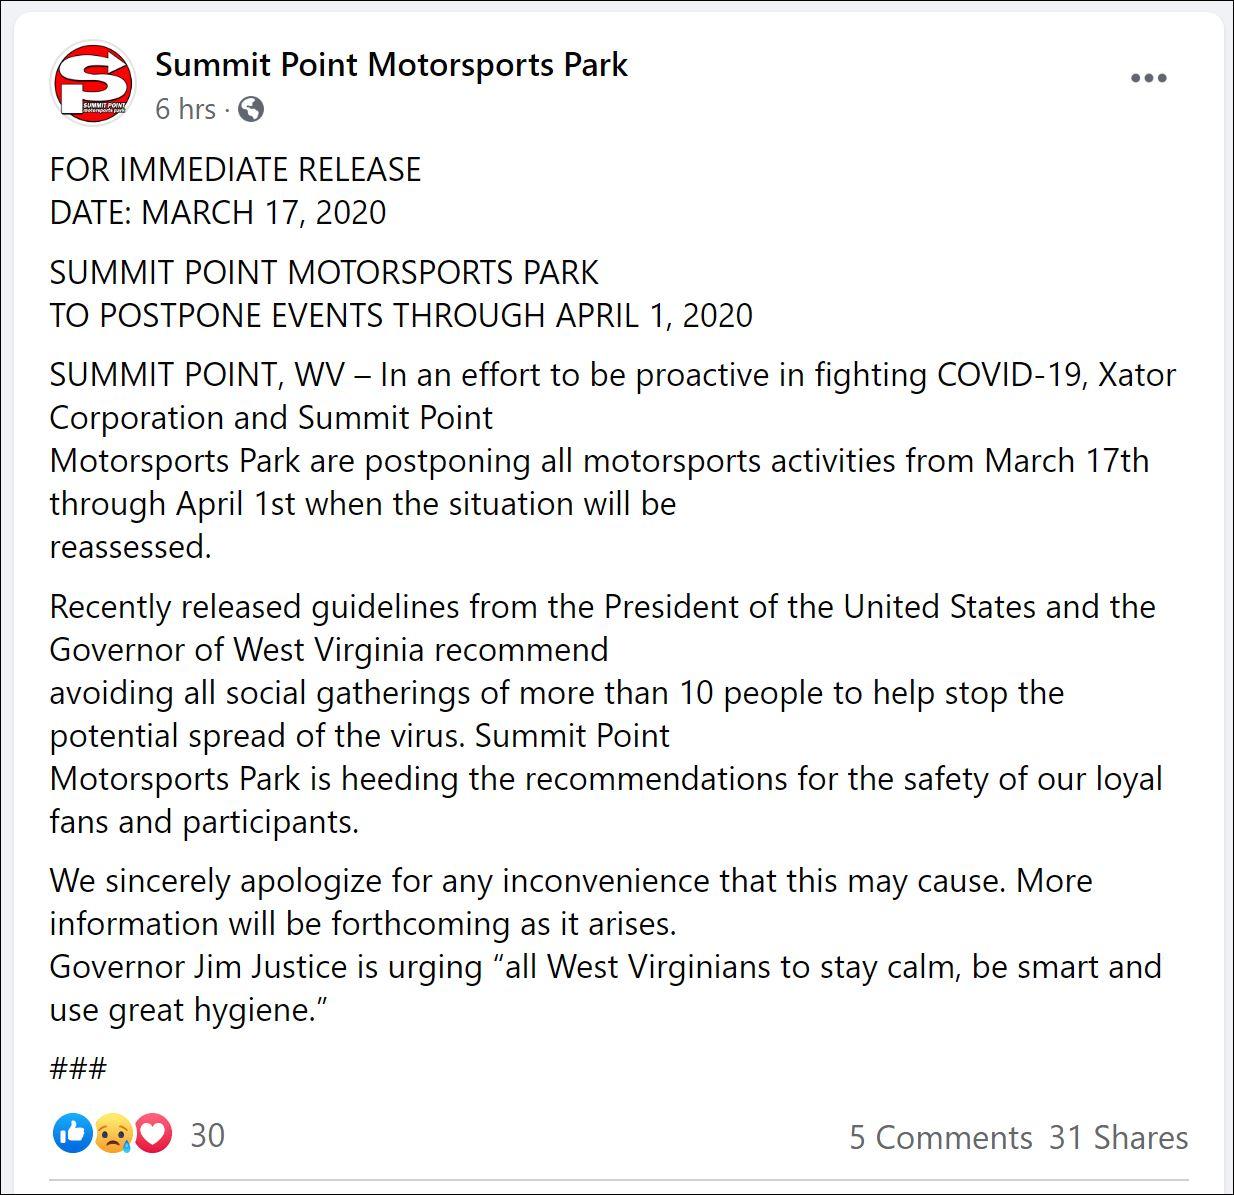 summit point schedule update